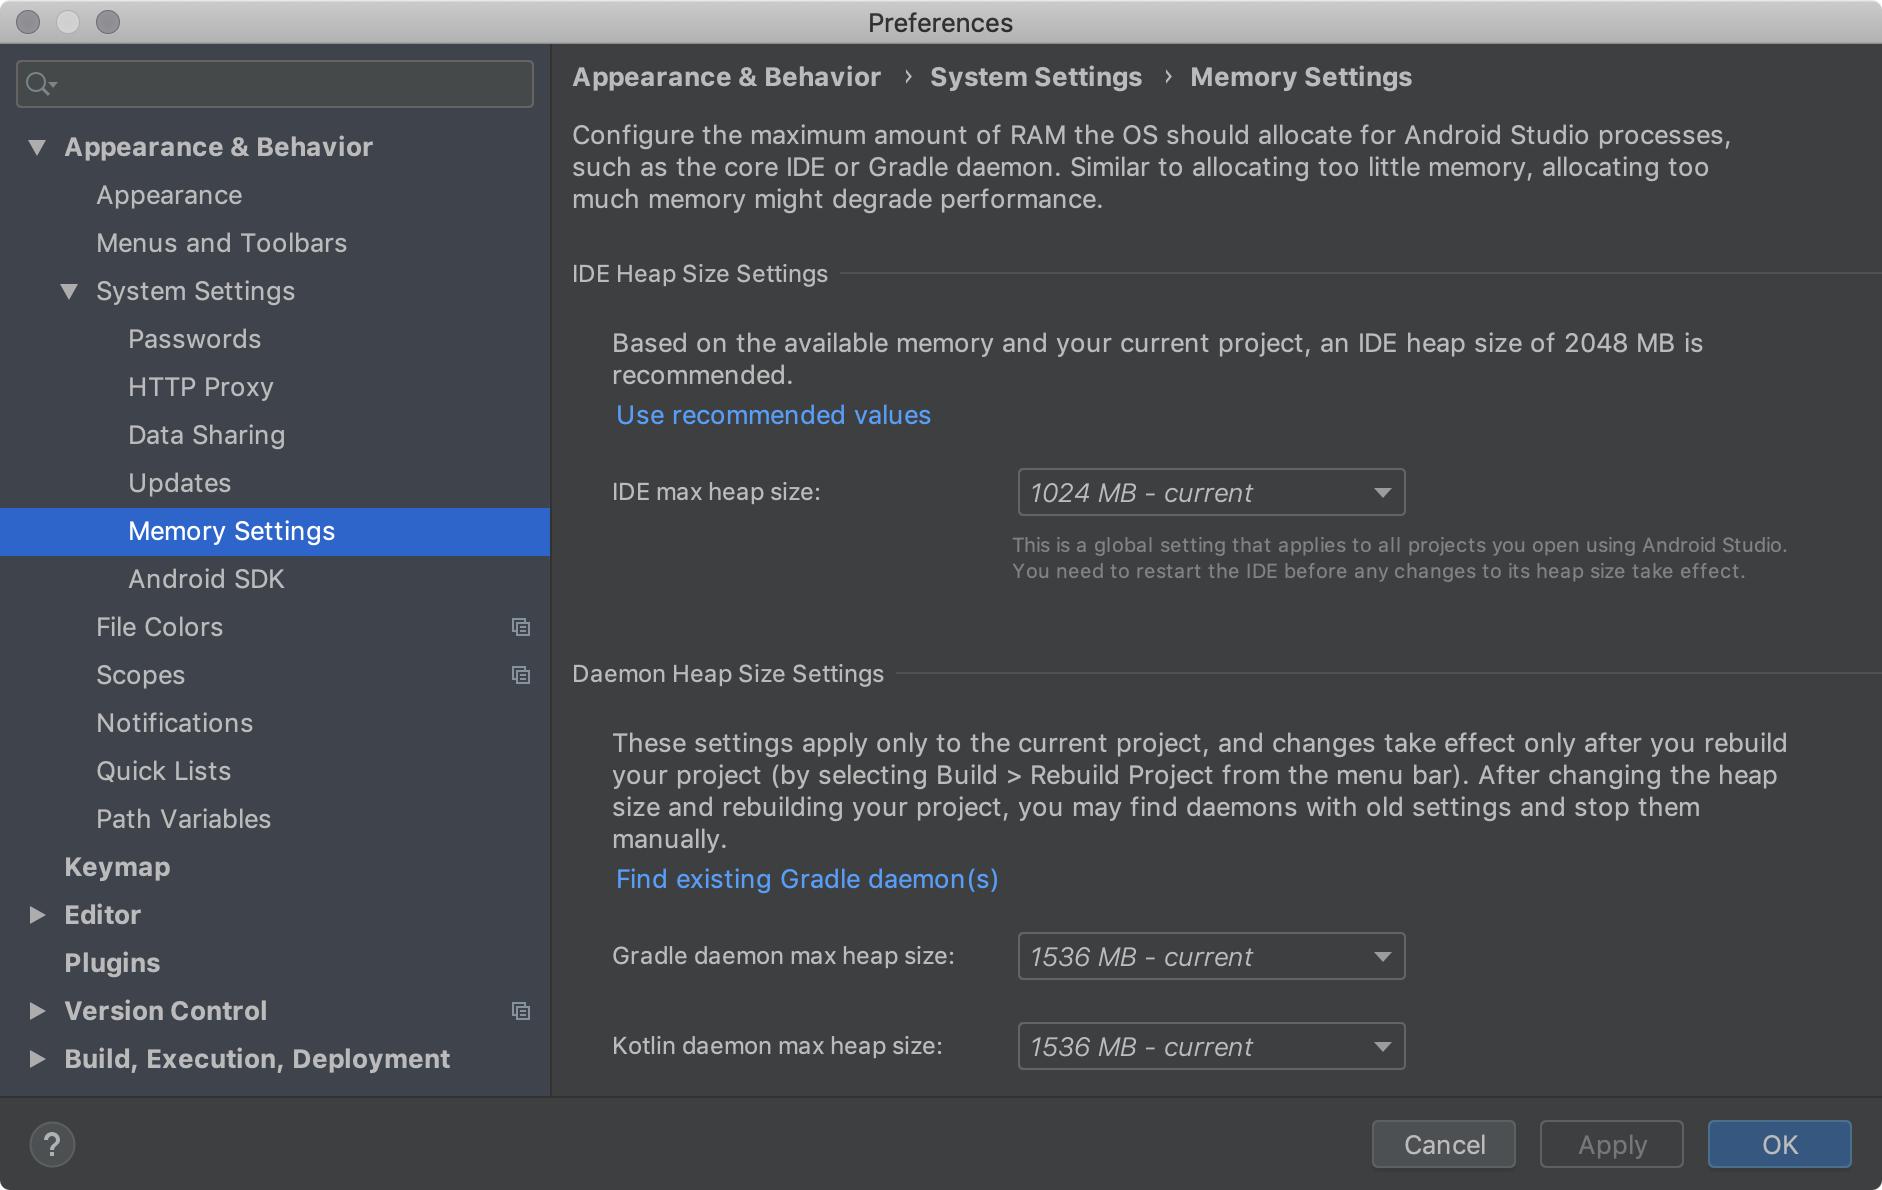 内存设置,可让您为 Android Studio 进程配置最大 RAM 容量。